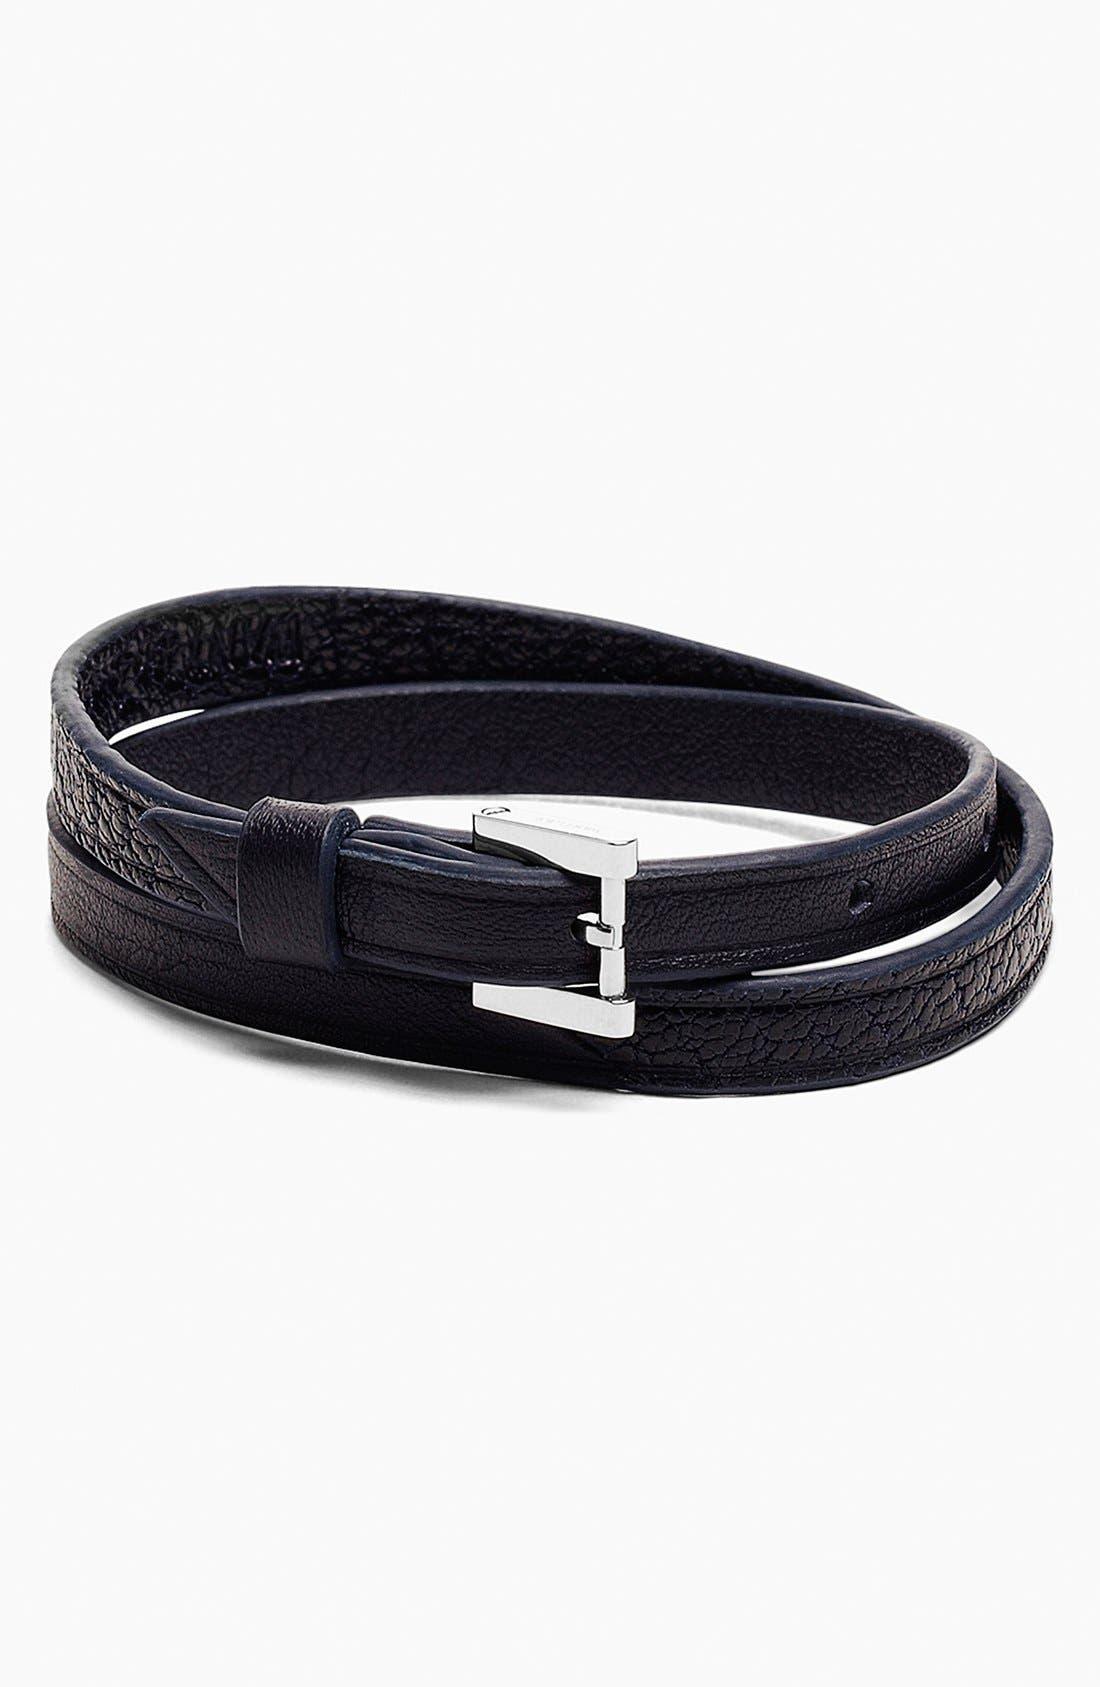 Alternate Image 1 Selected - WANT Les Essentiels de la Vie 'Vantaa' Two-Tone Buckle Bracelet